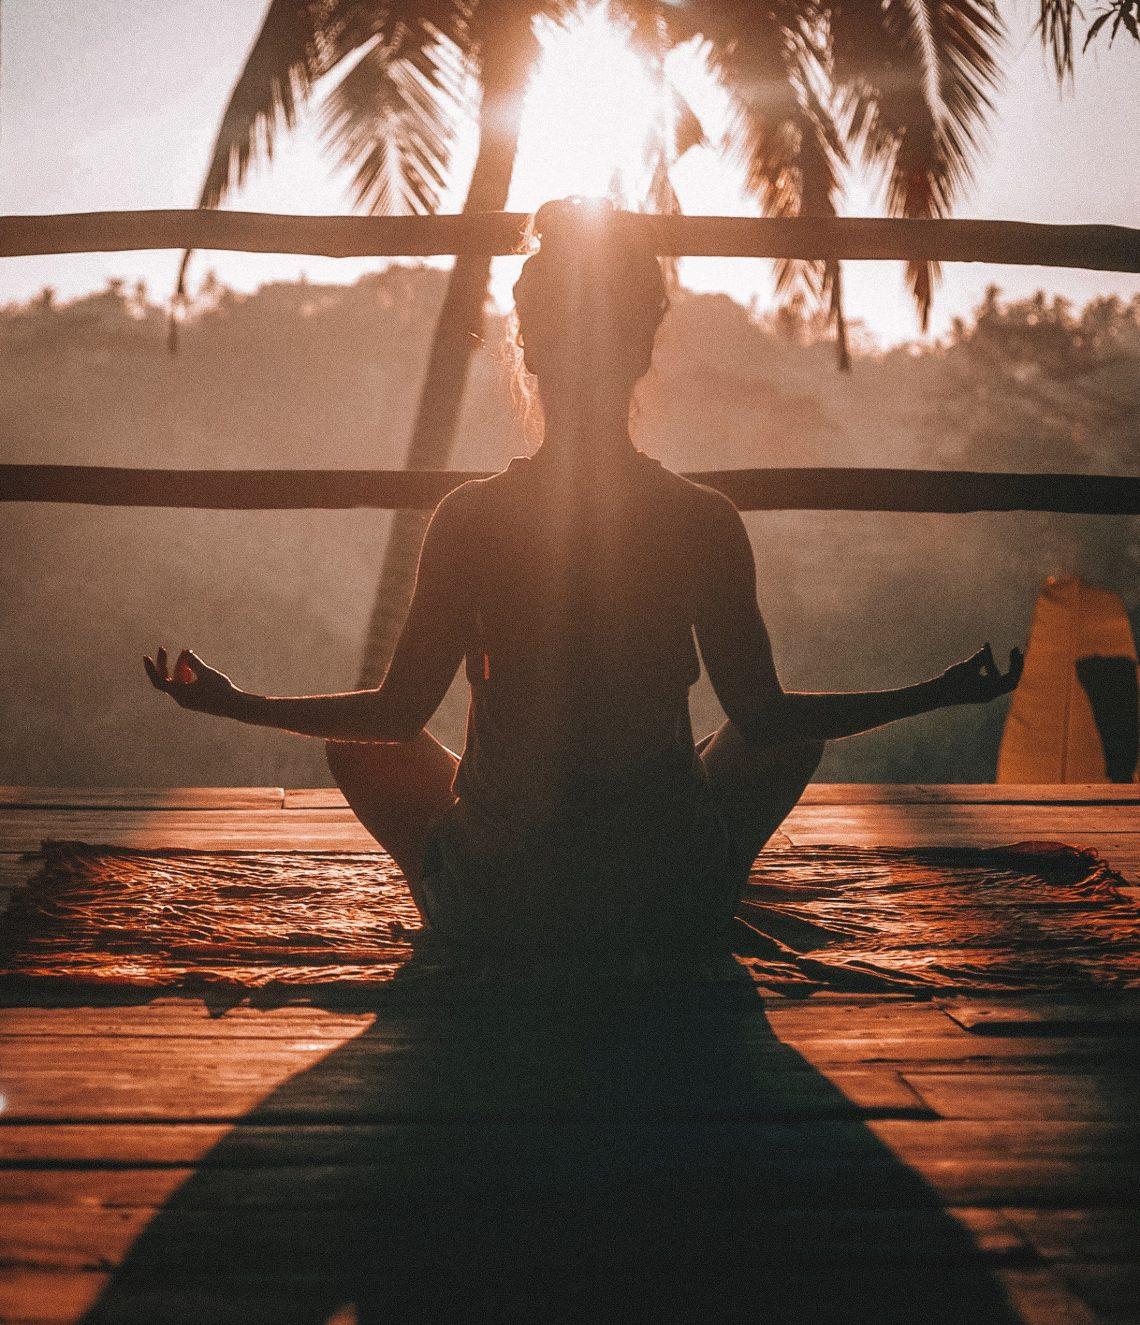 méditation, méditer, pleine conscience, gratitude, relaxation, respiration, développement personnel, anxiété, paix intérieur